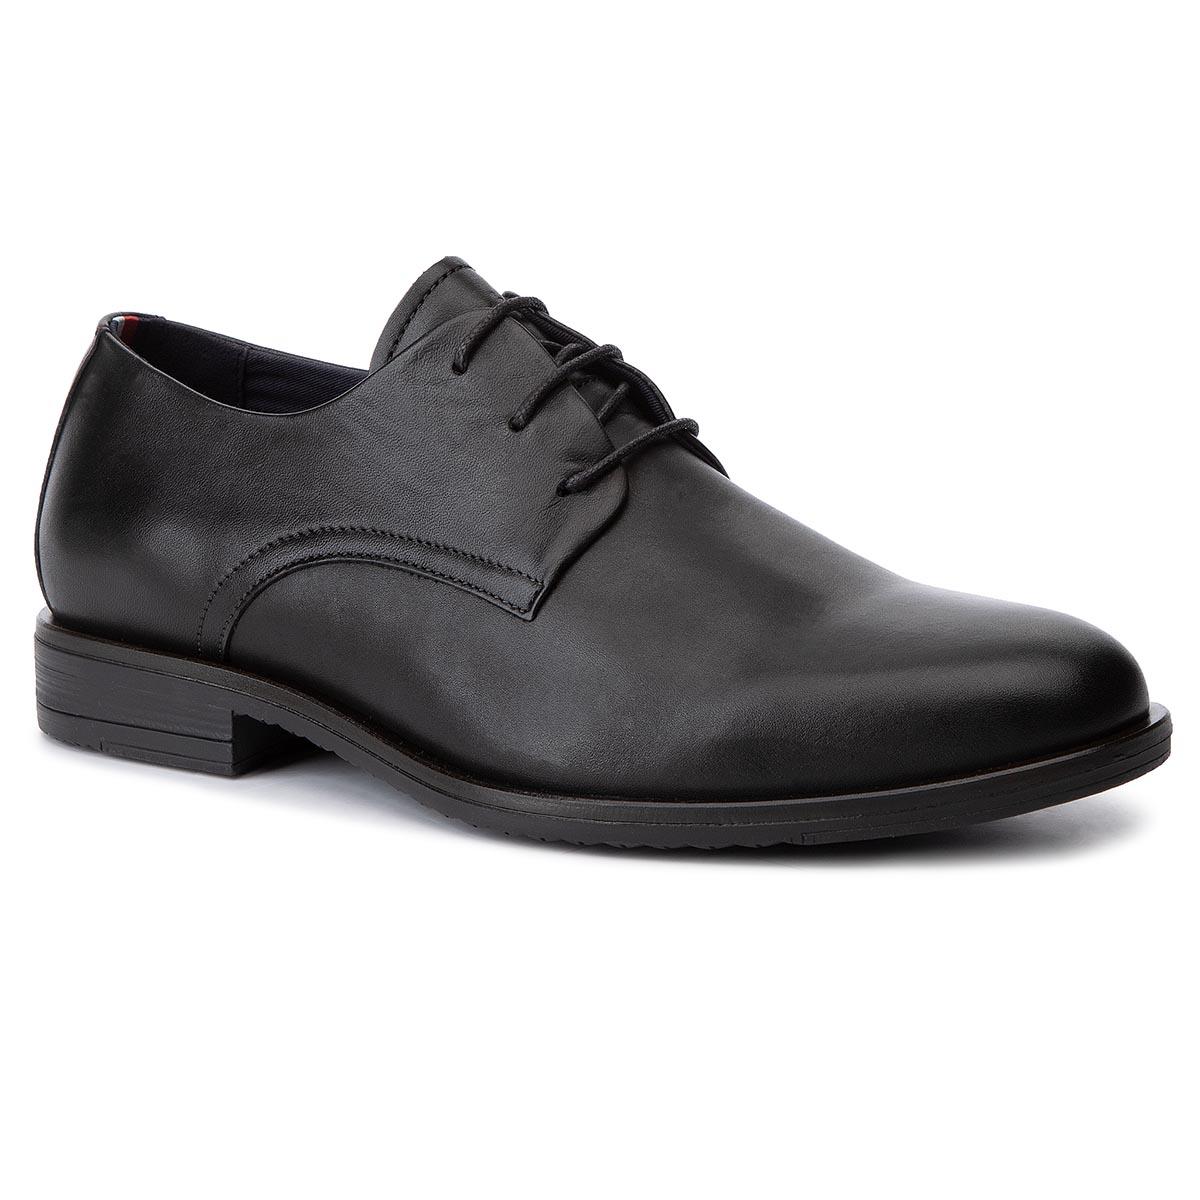 Poltopánky TOMMY HILFIGER - Core Leather Lace Up Shoe FM0FM02547 Black BDS